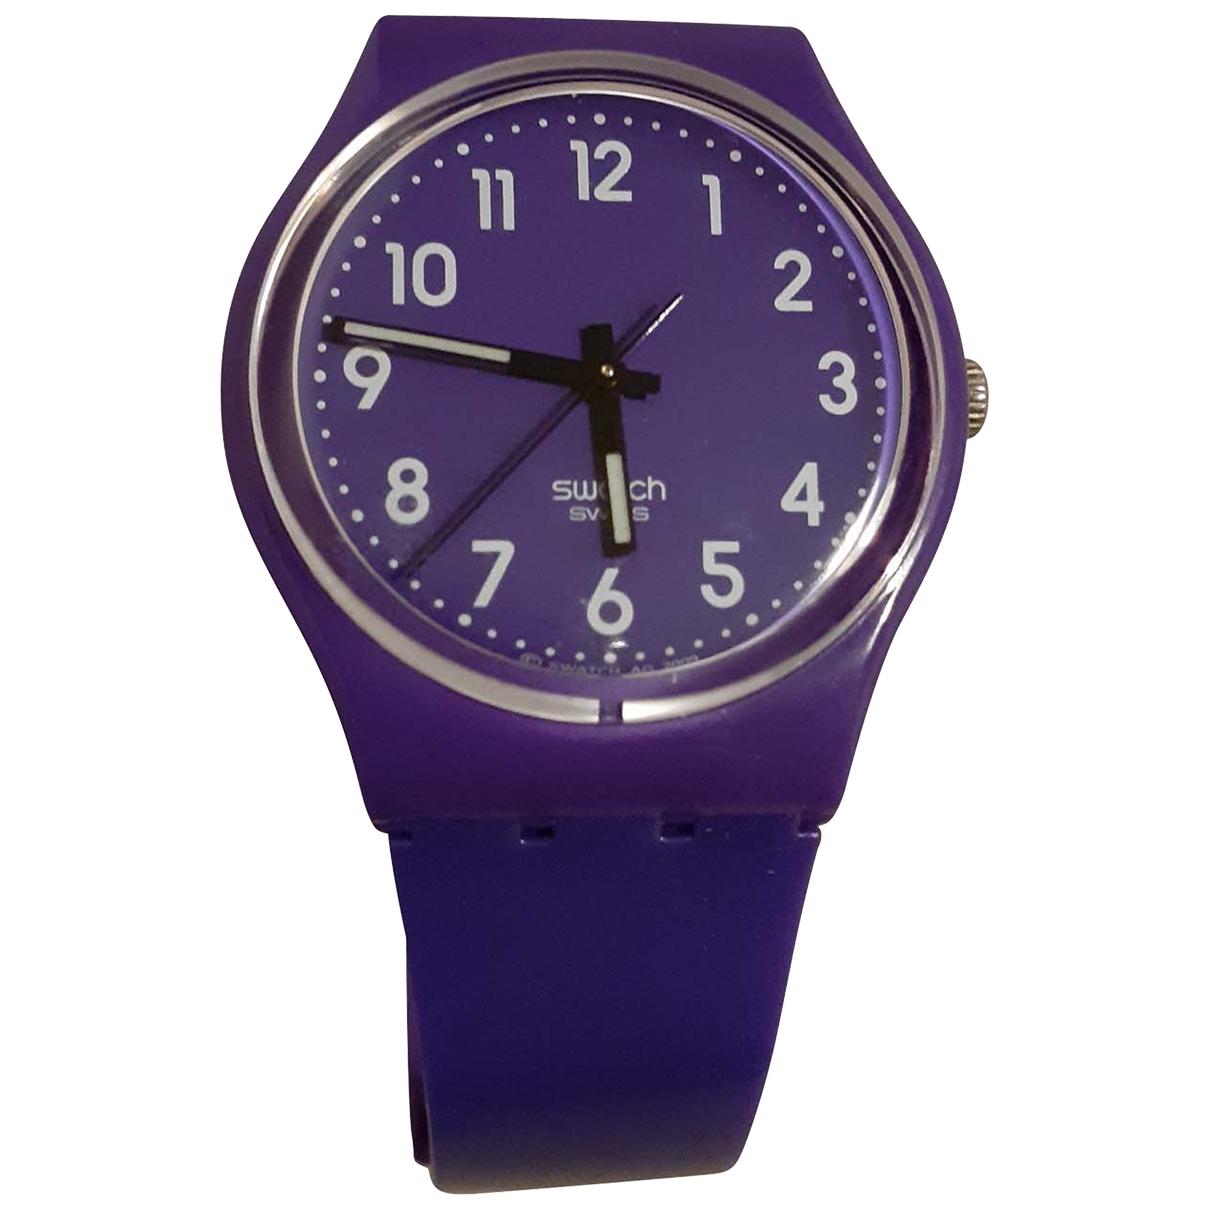 Swatch \N Uhr Lila